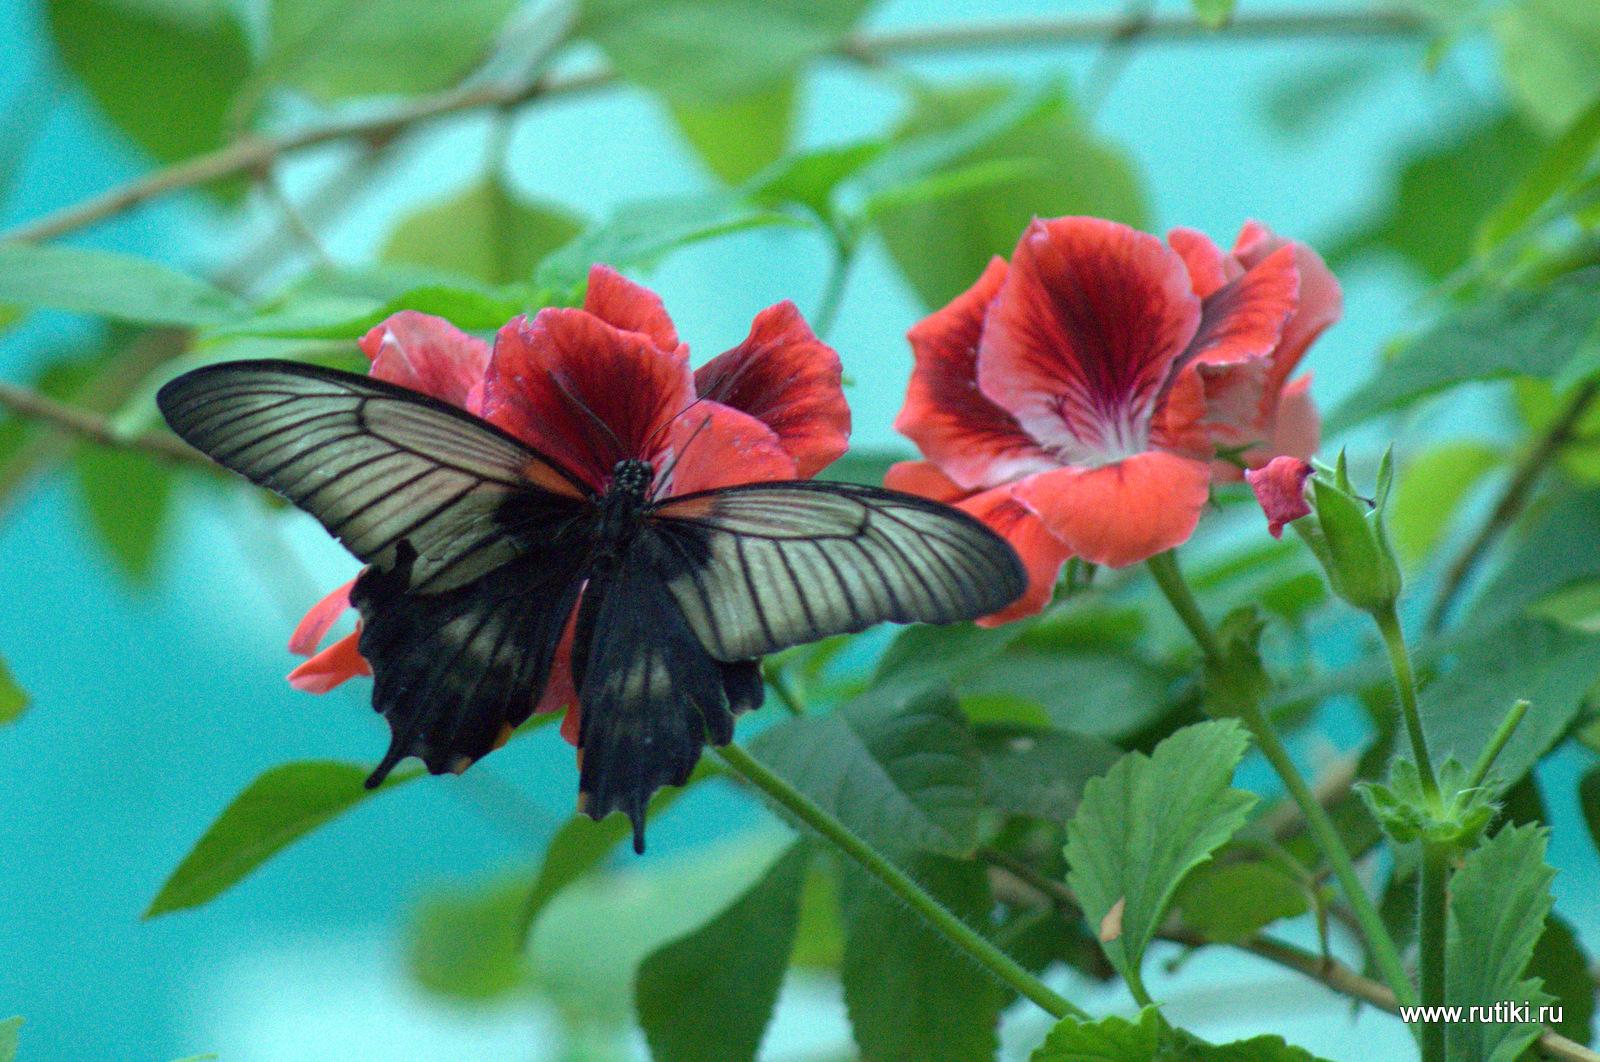 Выставка бабочек ВВЦ